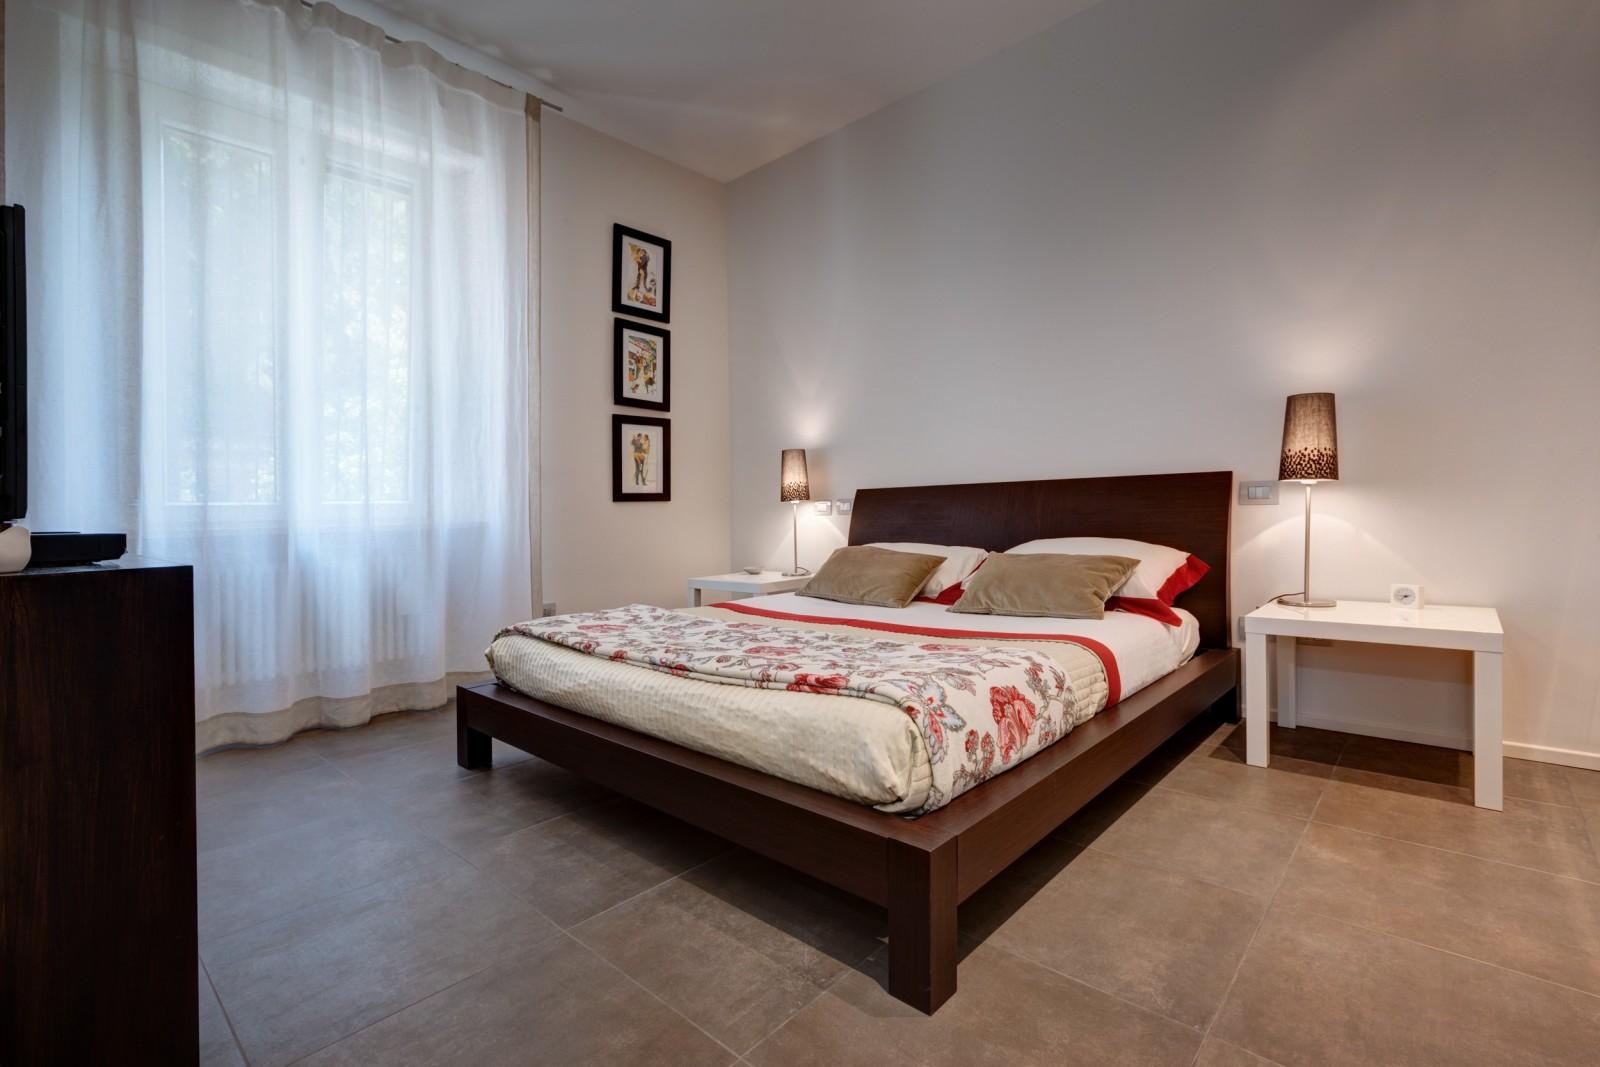 Camera Da Letto Giapponese appia antica resort | resort appia antica roma | appartamenti